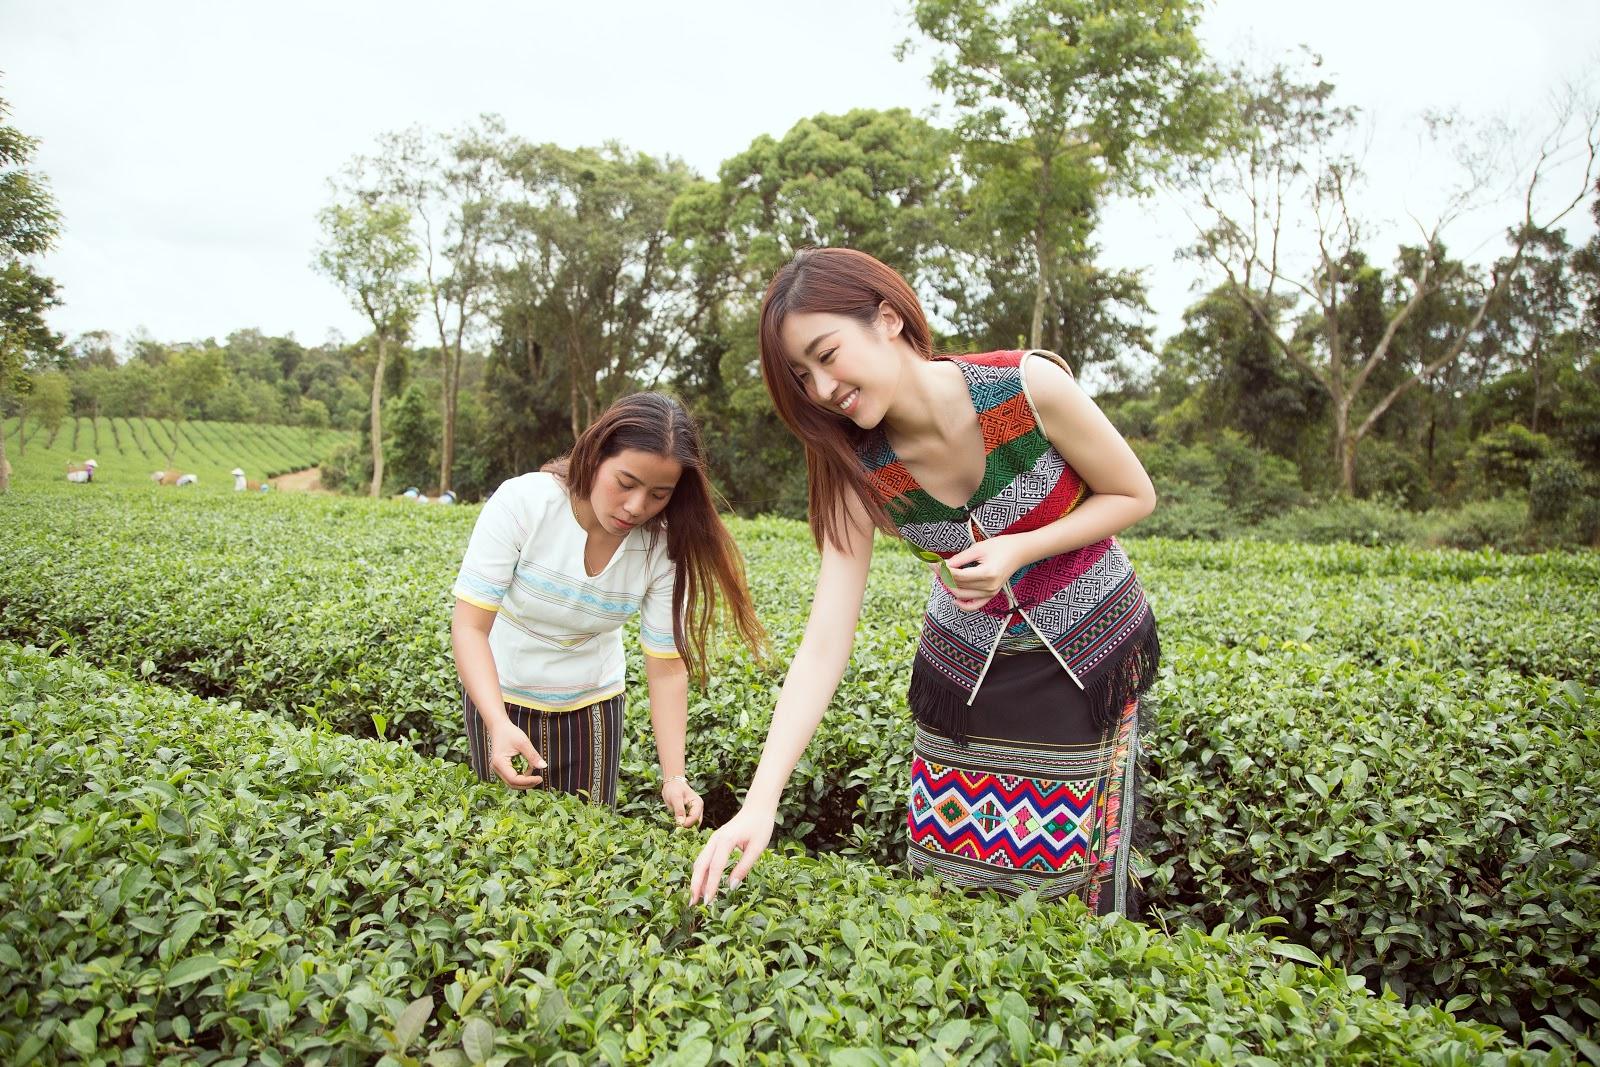 Đỗ Mỹ Linh, Kiều Loan gây thương nhớ trong hình ảnh cô thôn nữ - Hình 1